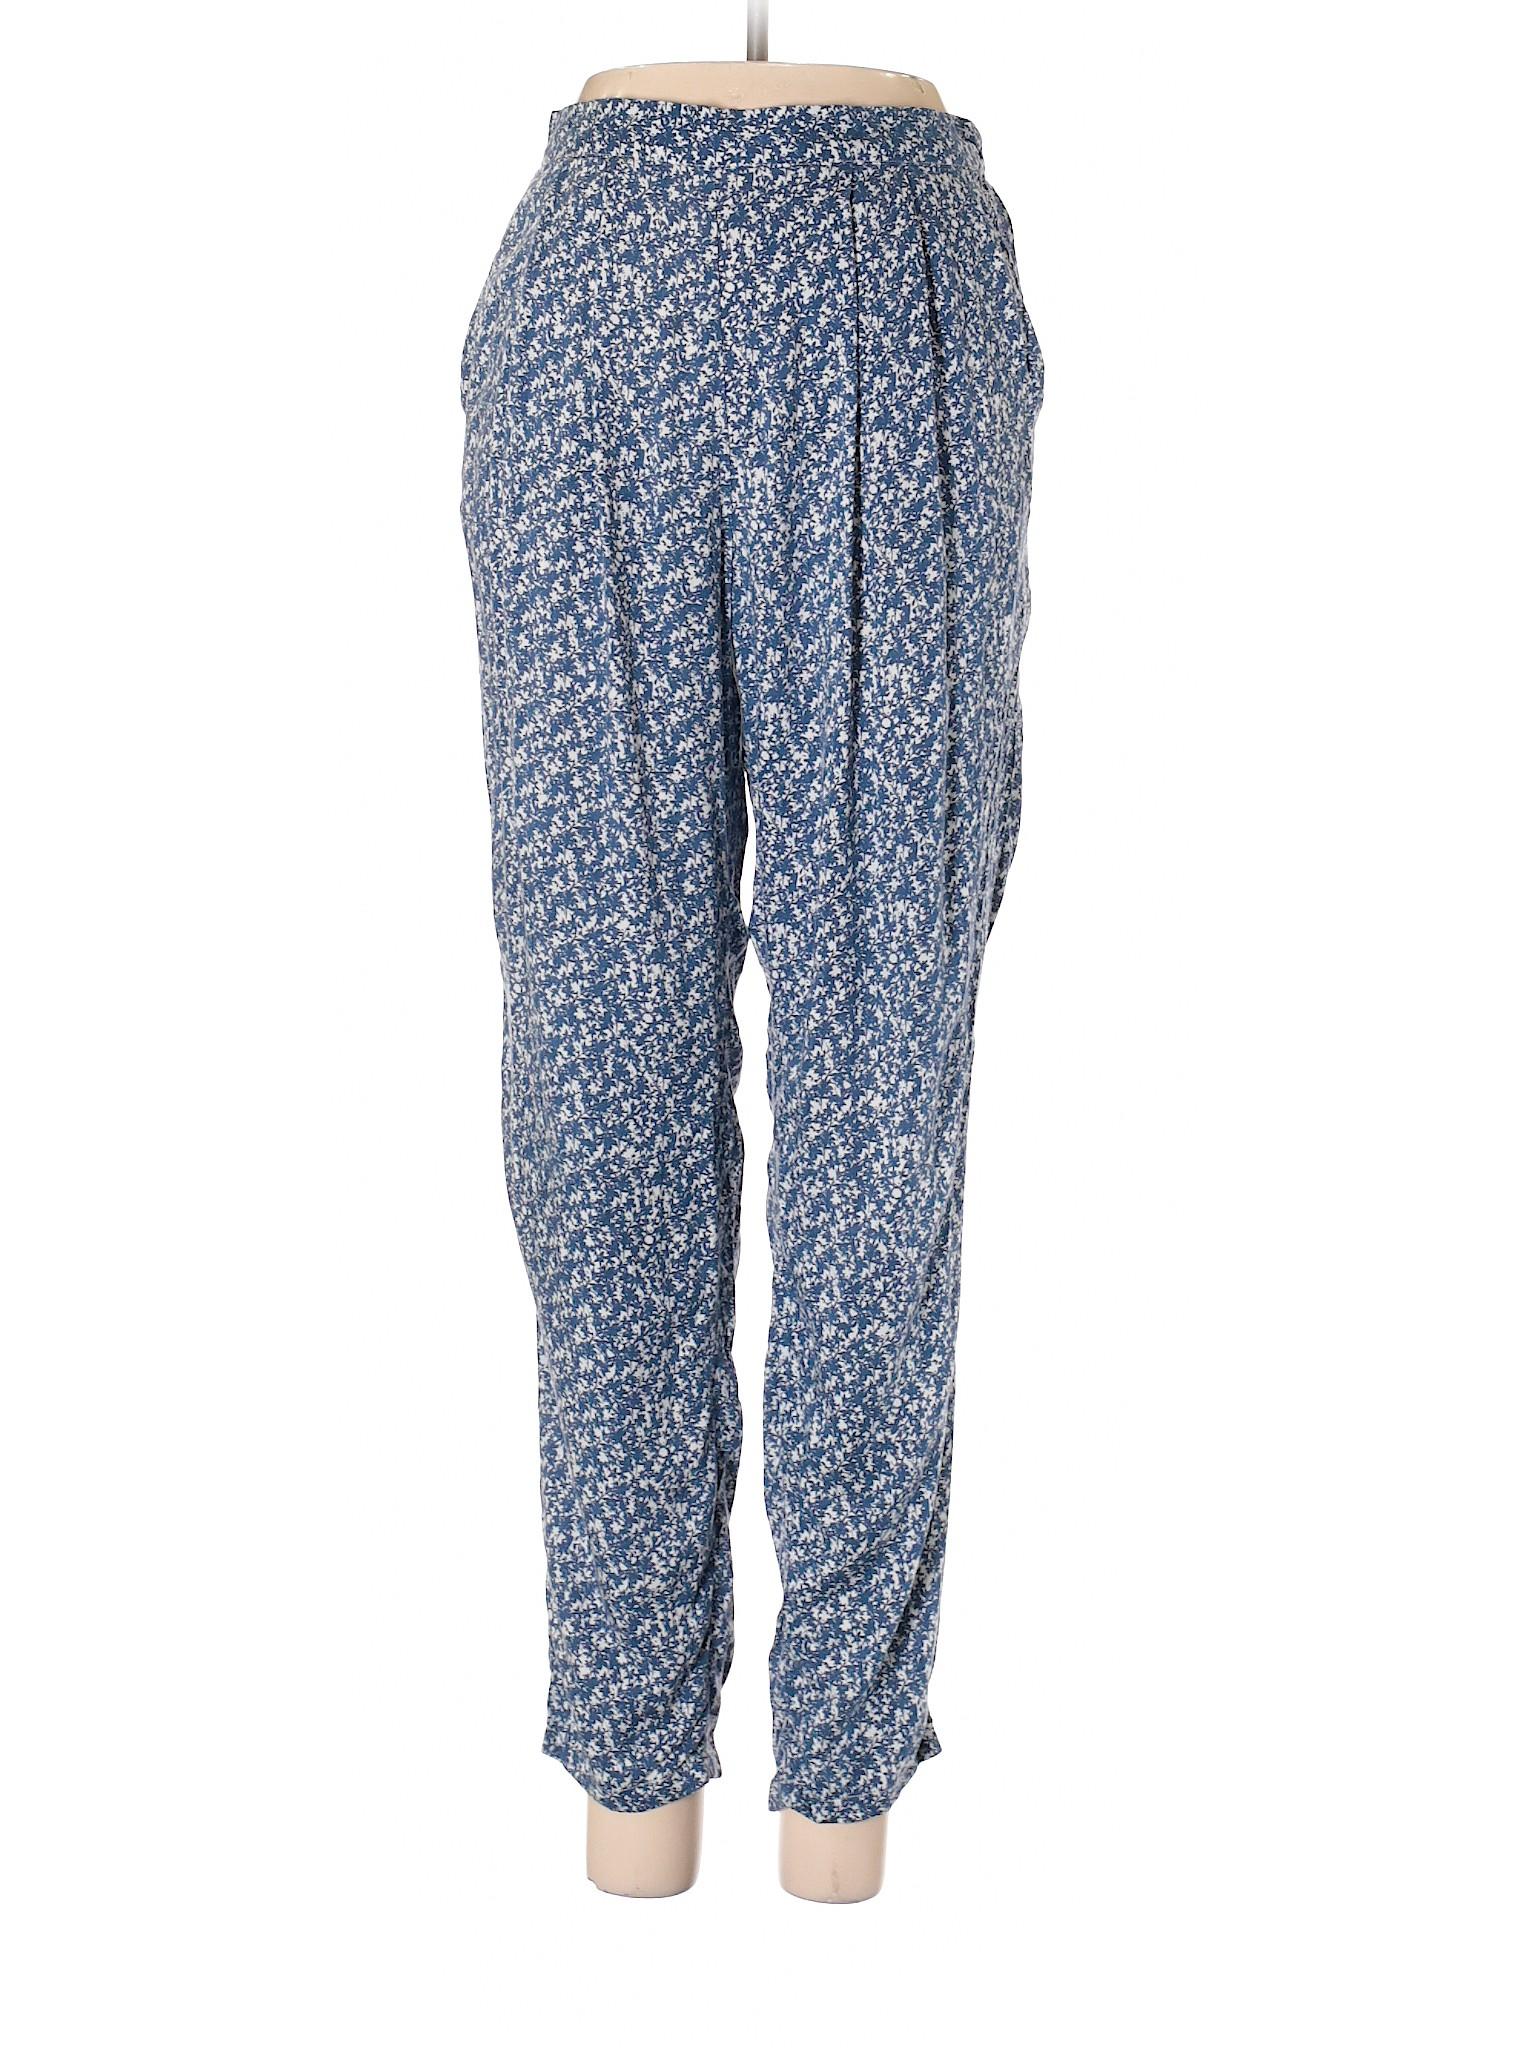 Pants amp;M winter Boutique H Casual vqwxvgBHn1